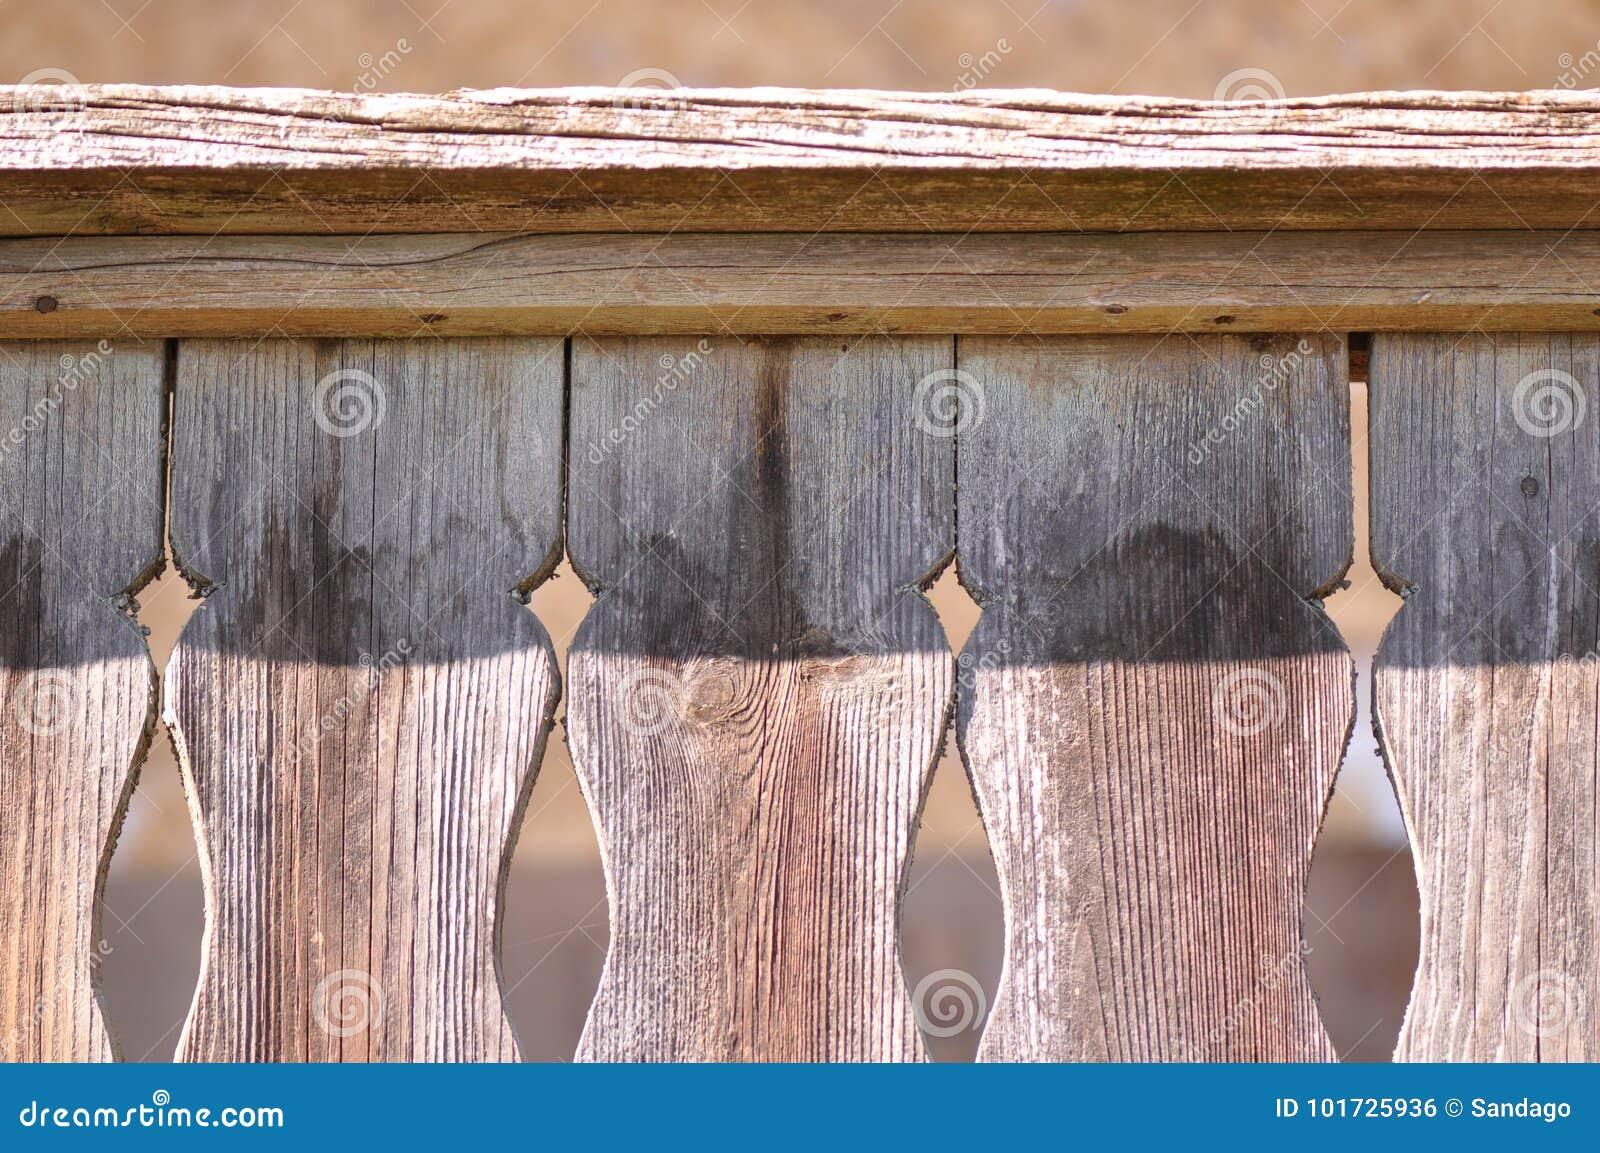 Snidit motiv på gammalt trä